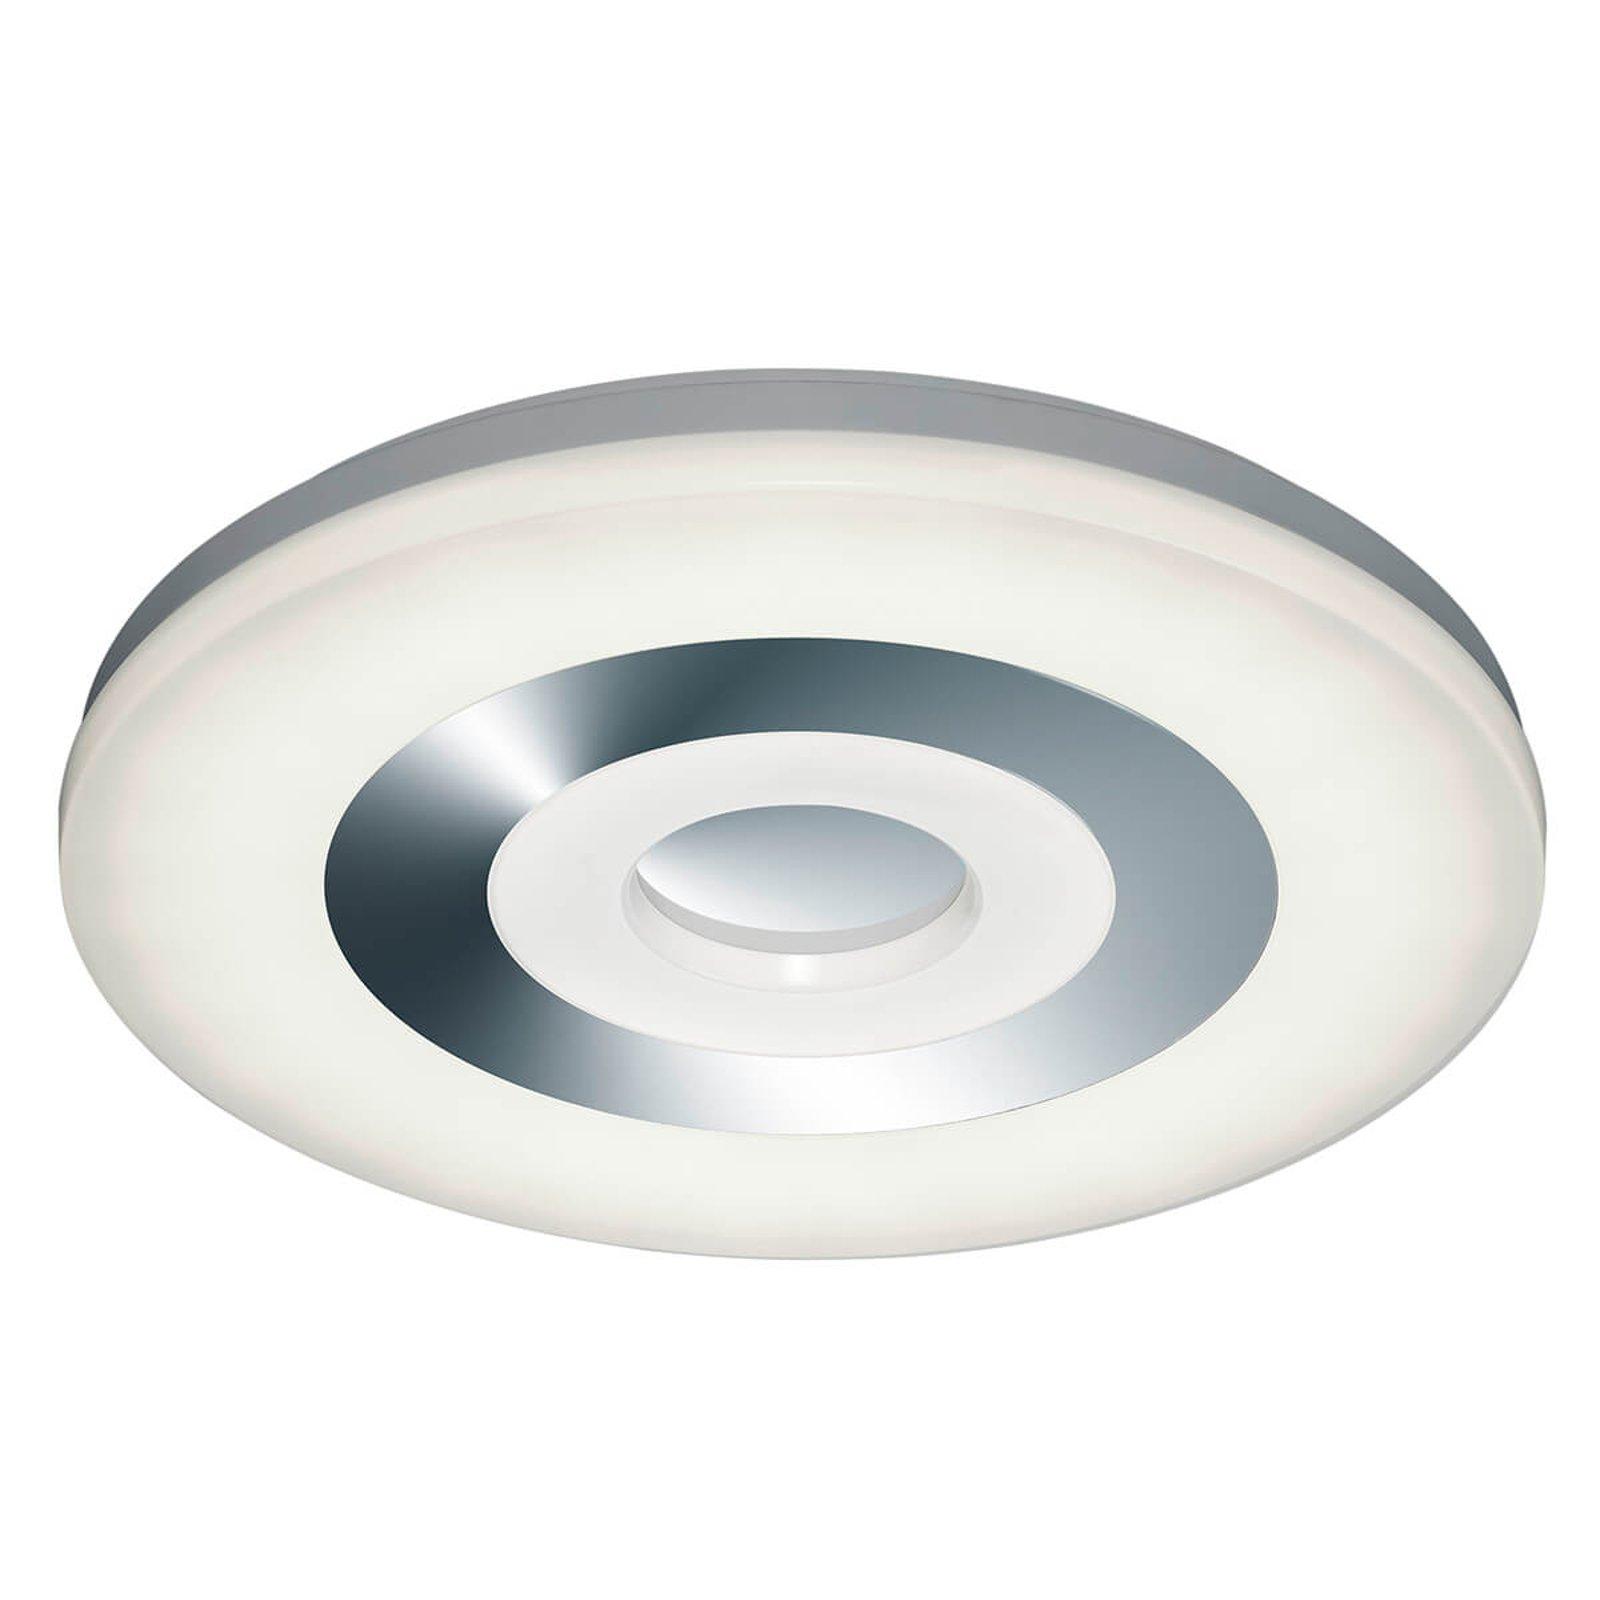 LED-taklampe Shaolin m. innstillbar lysfarge